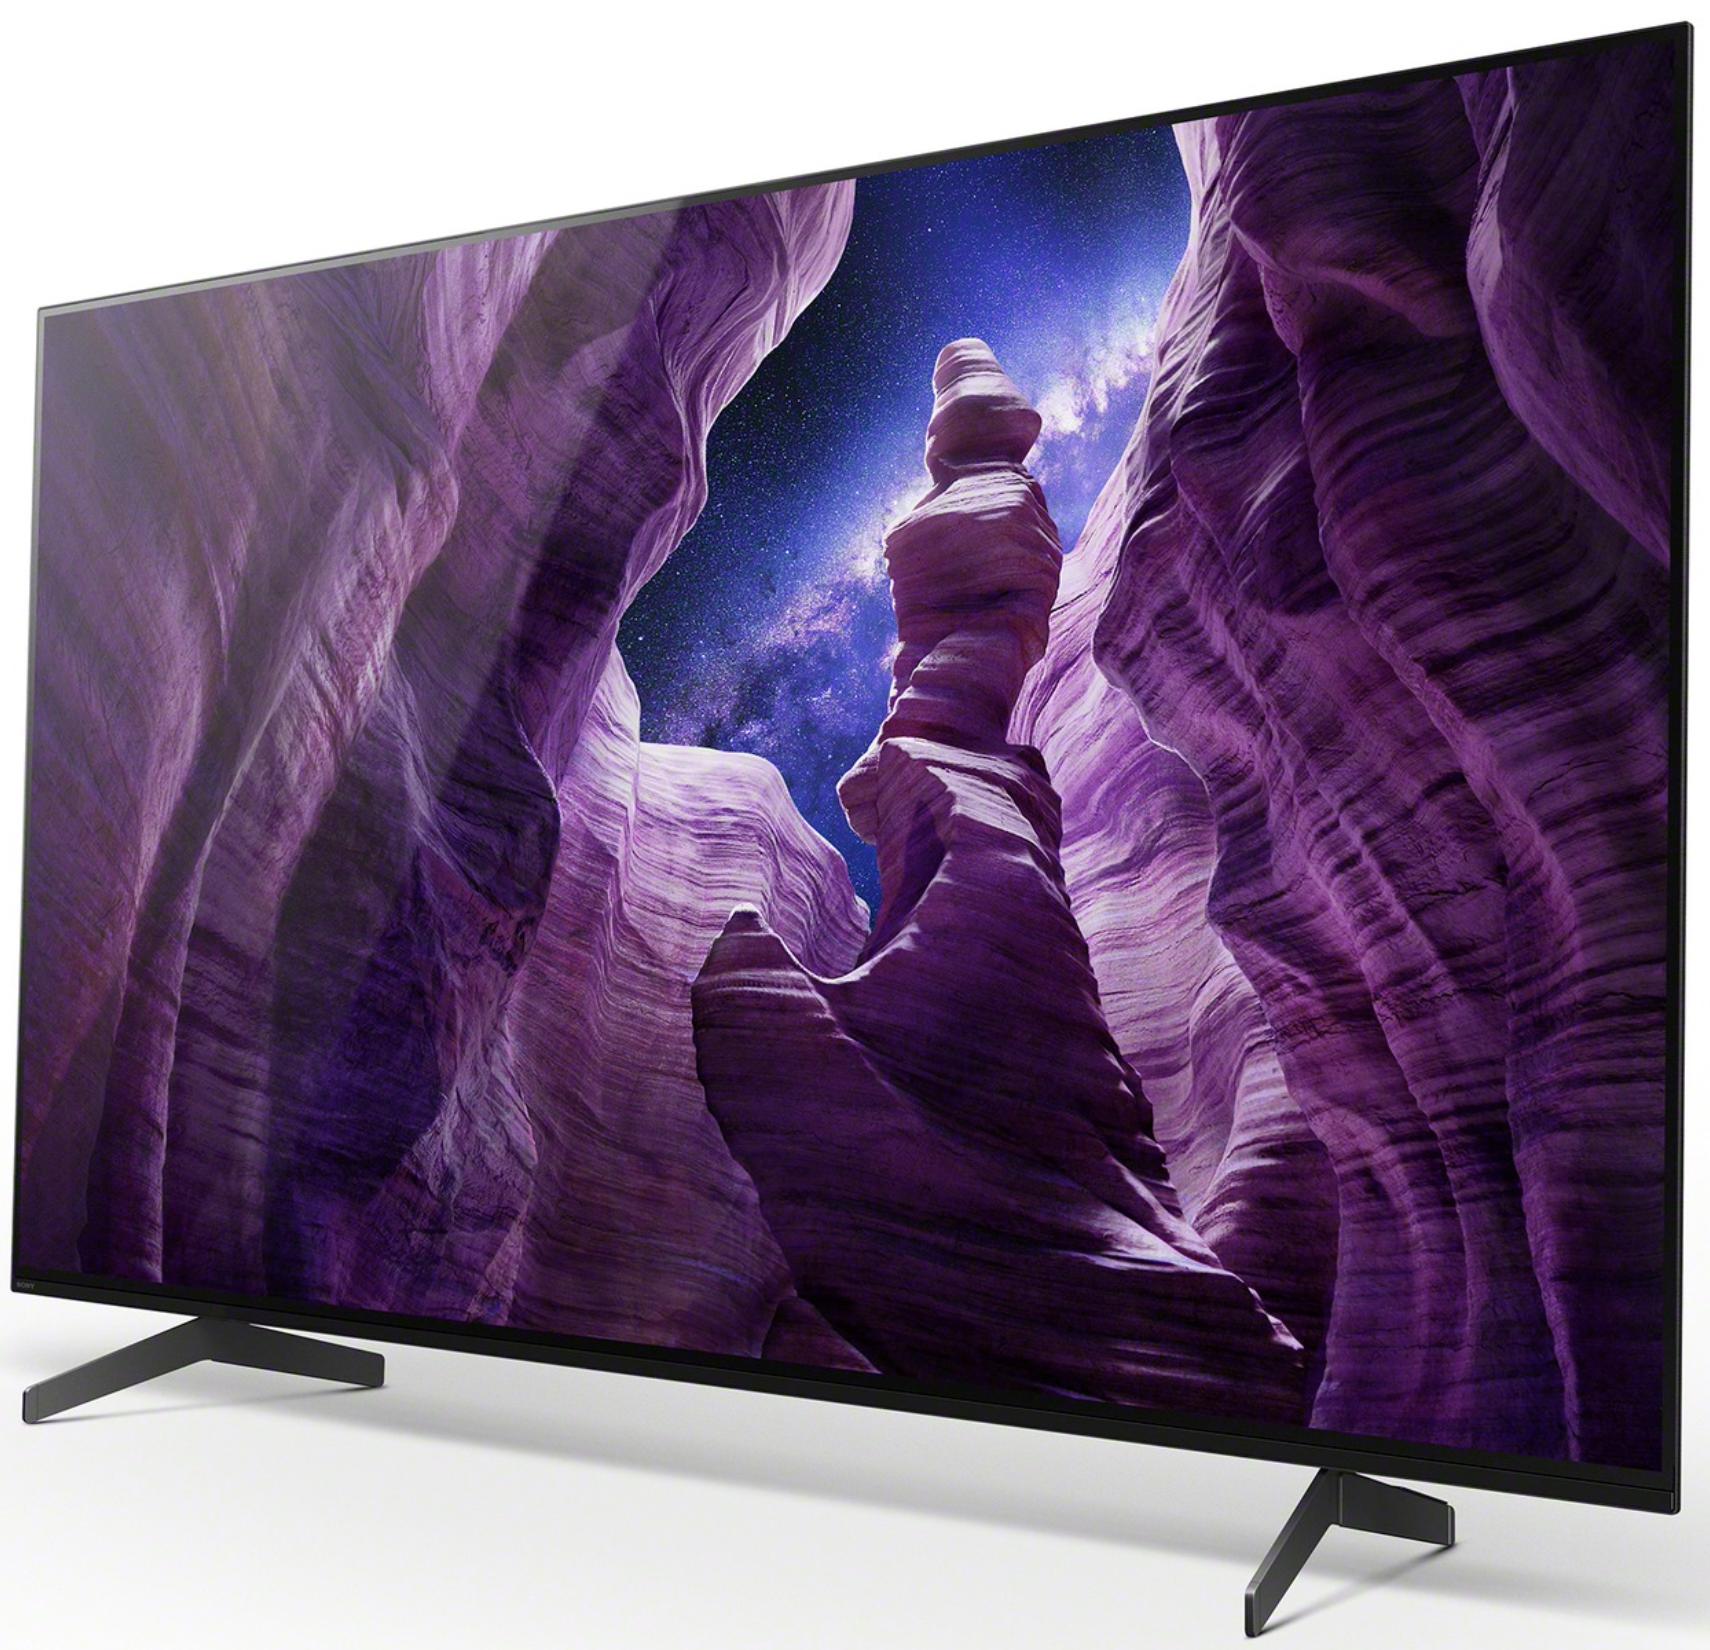 Купить OLED ТВ KD-55A8 в интернет-магазине Sony Centre